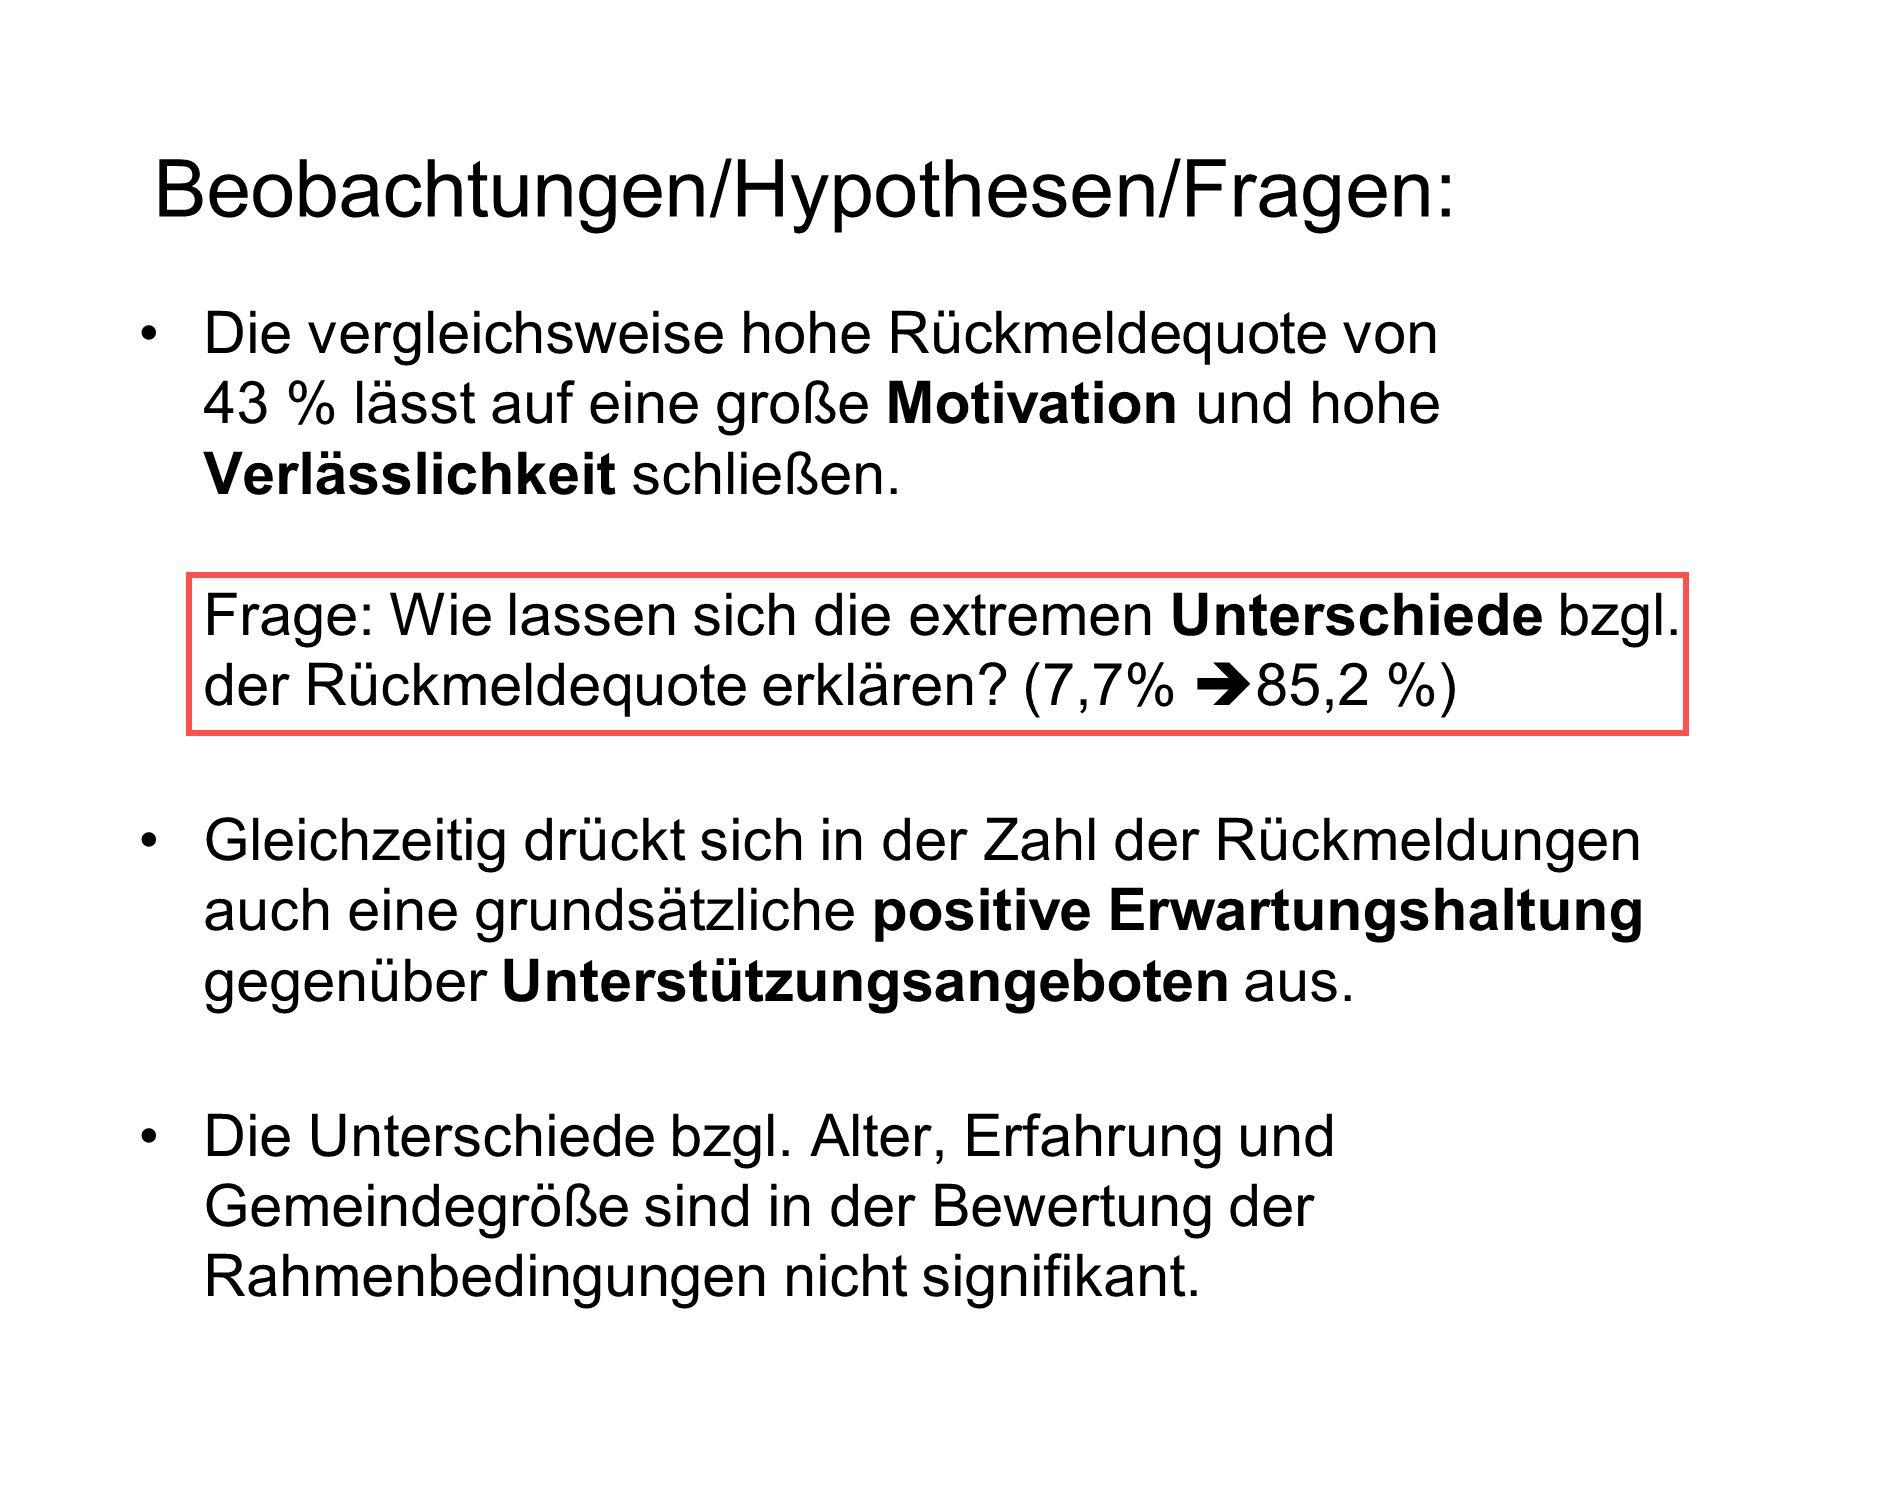 Beobachtungen/Hypothesen/Fragen: Die vergleichsweise hohe Rückmeldequote von 43 % lässt auf eine große Motivation und hohe Verlässlichkeit schließen.